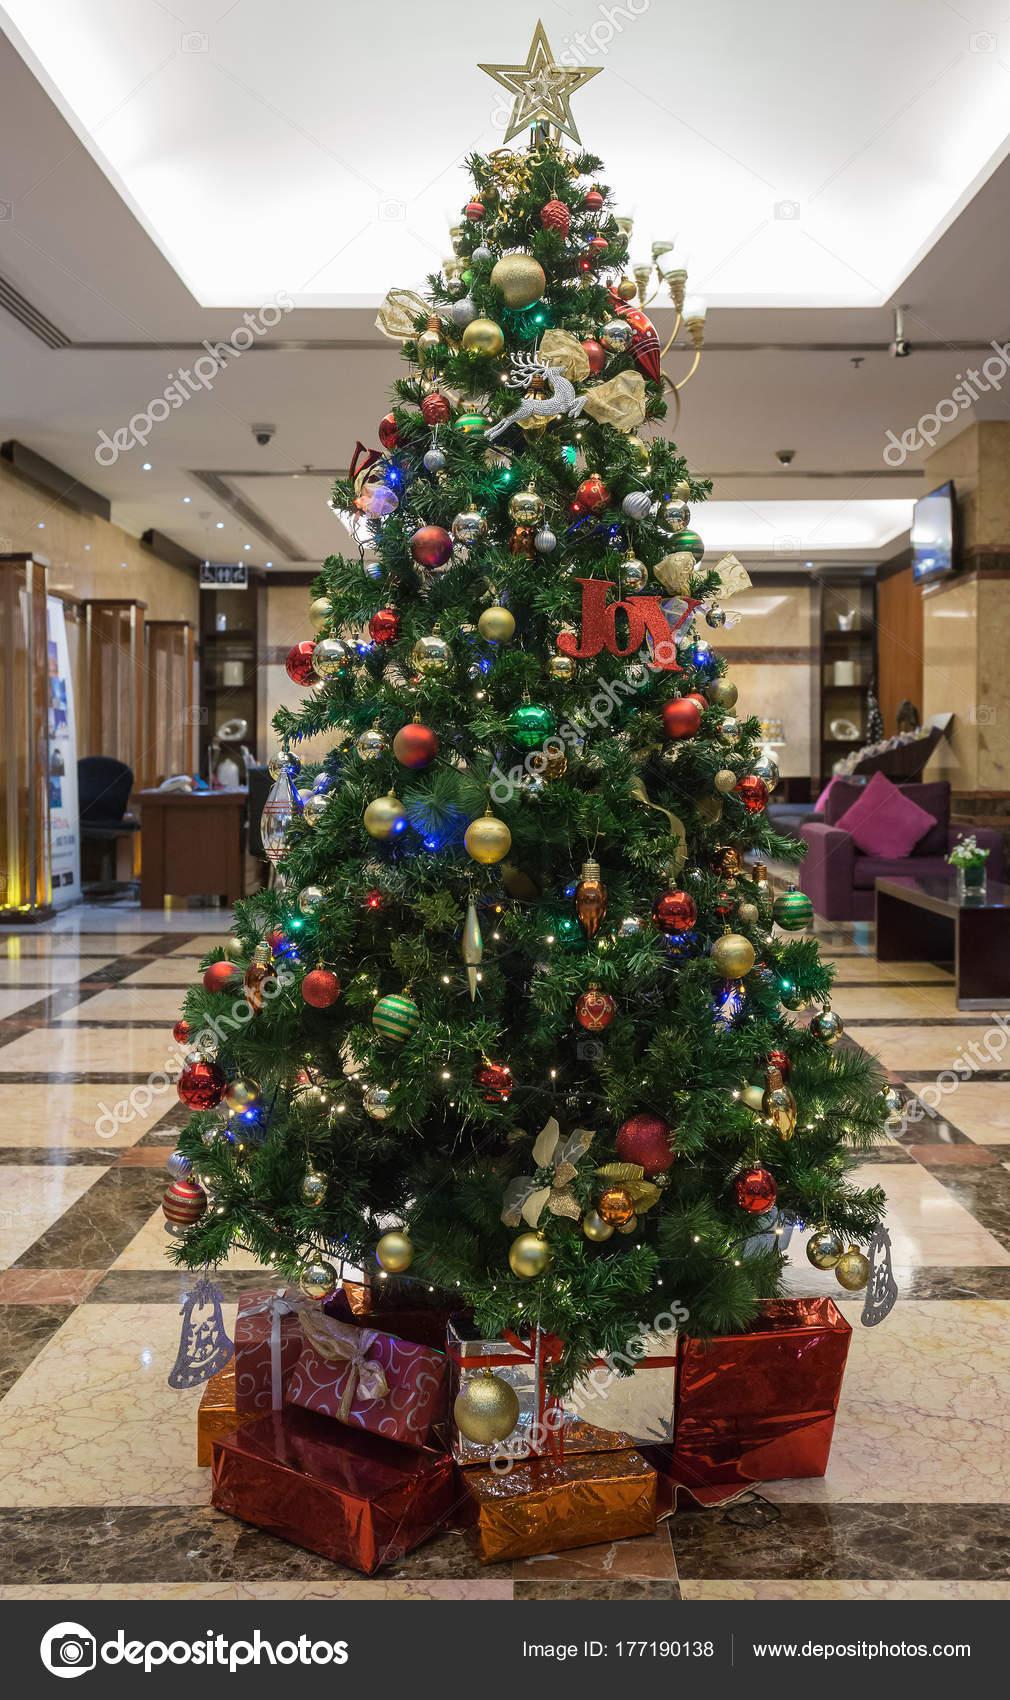 Arbol Navidad Decorado Con Caja Regalos Vestibulo Del Hotel Fotos - Arbol-de-navidad-decorado